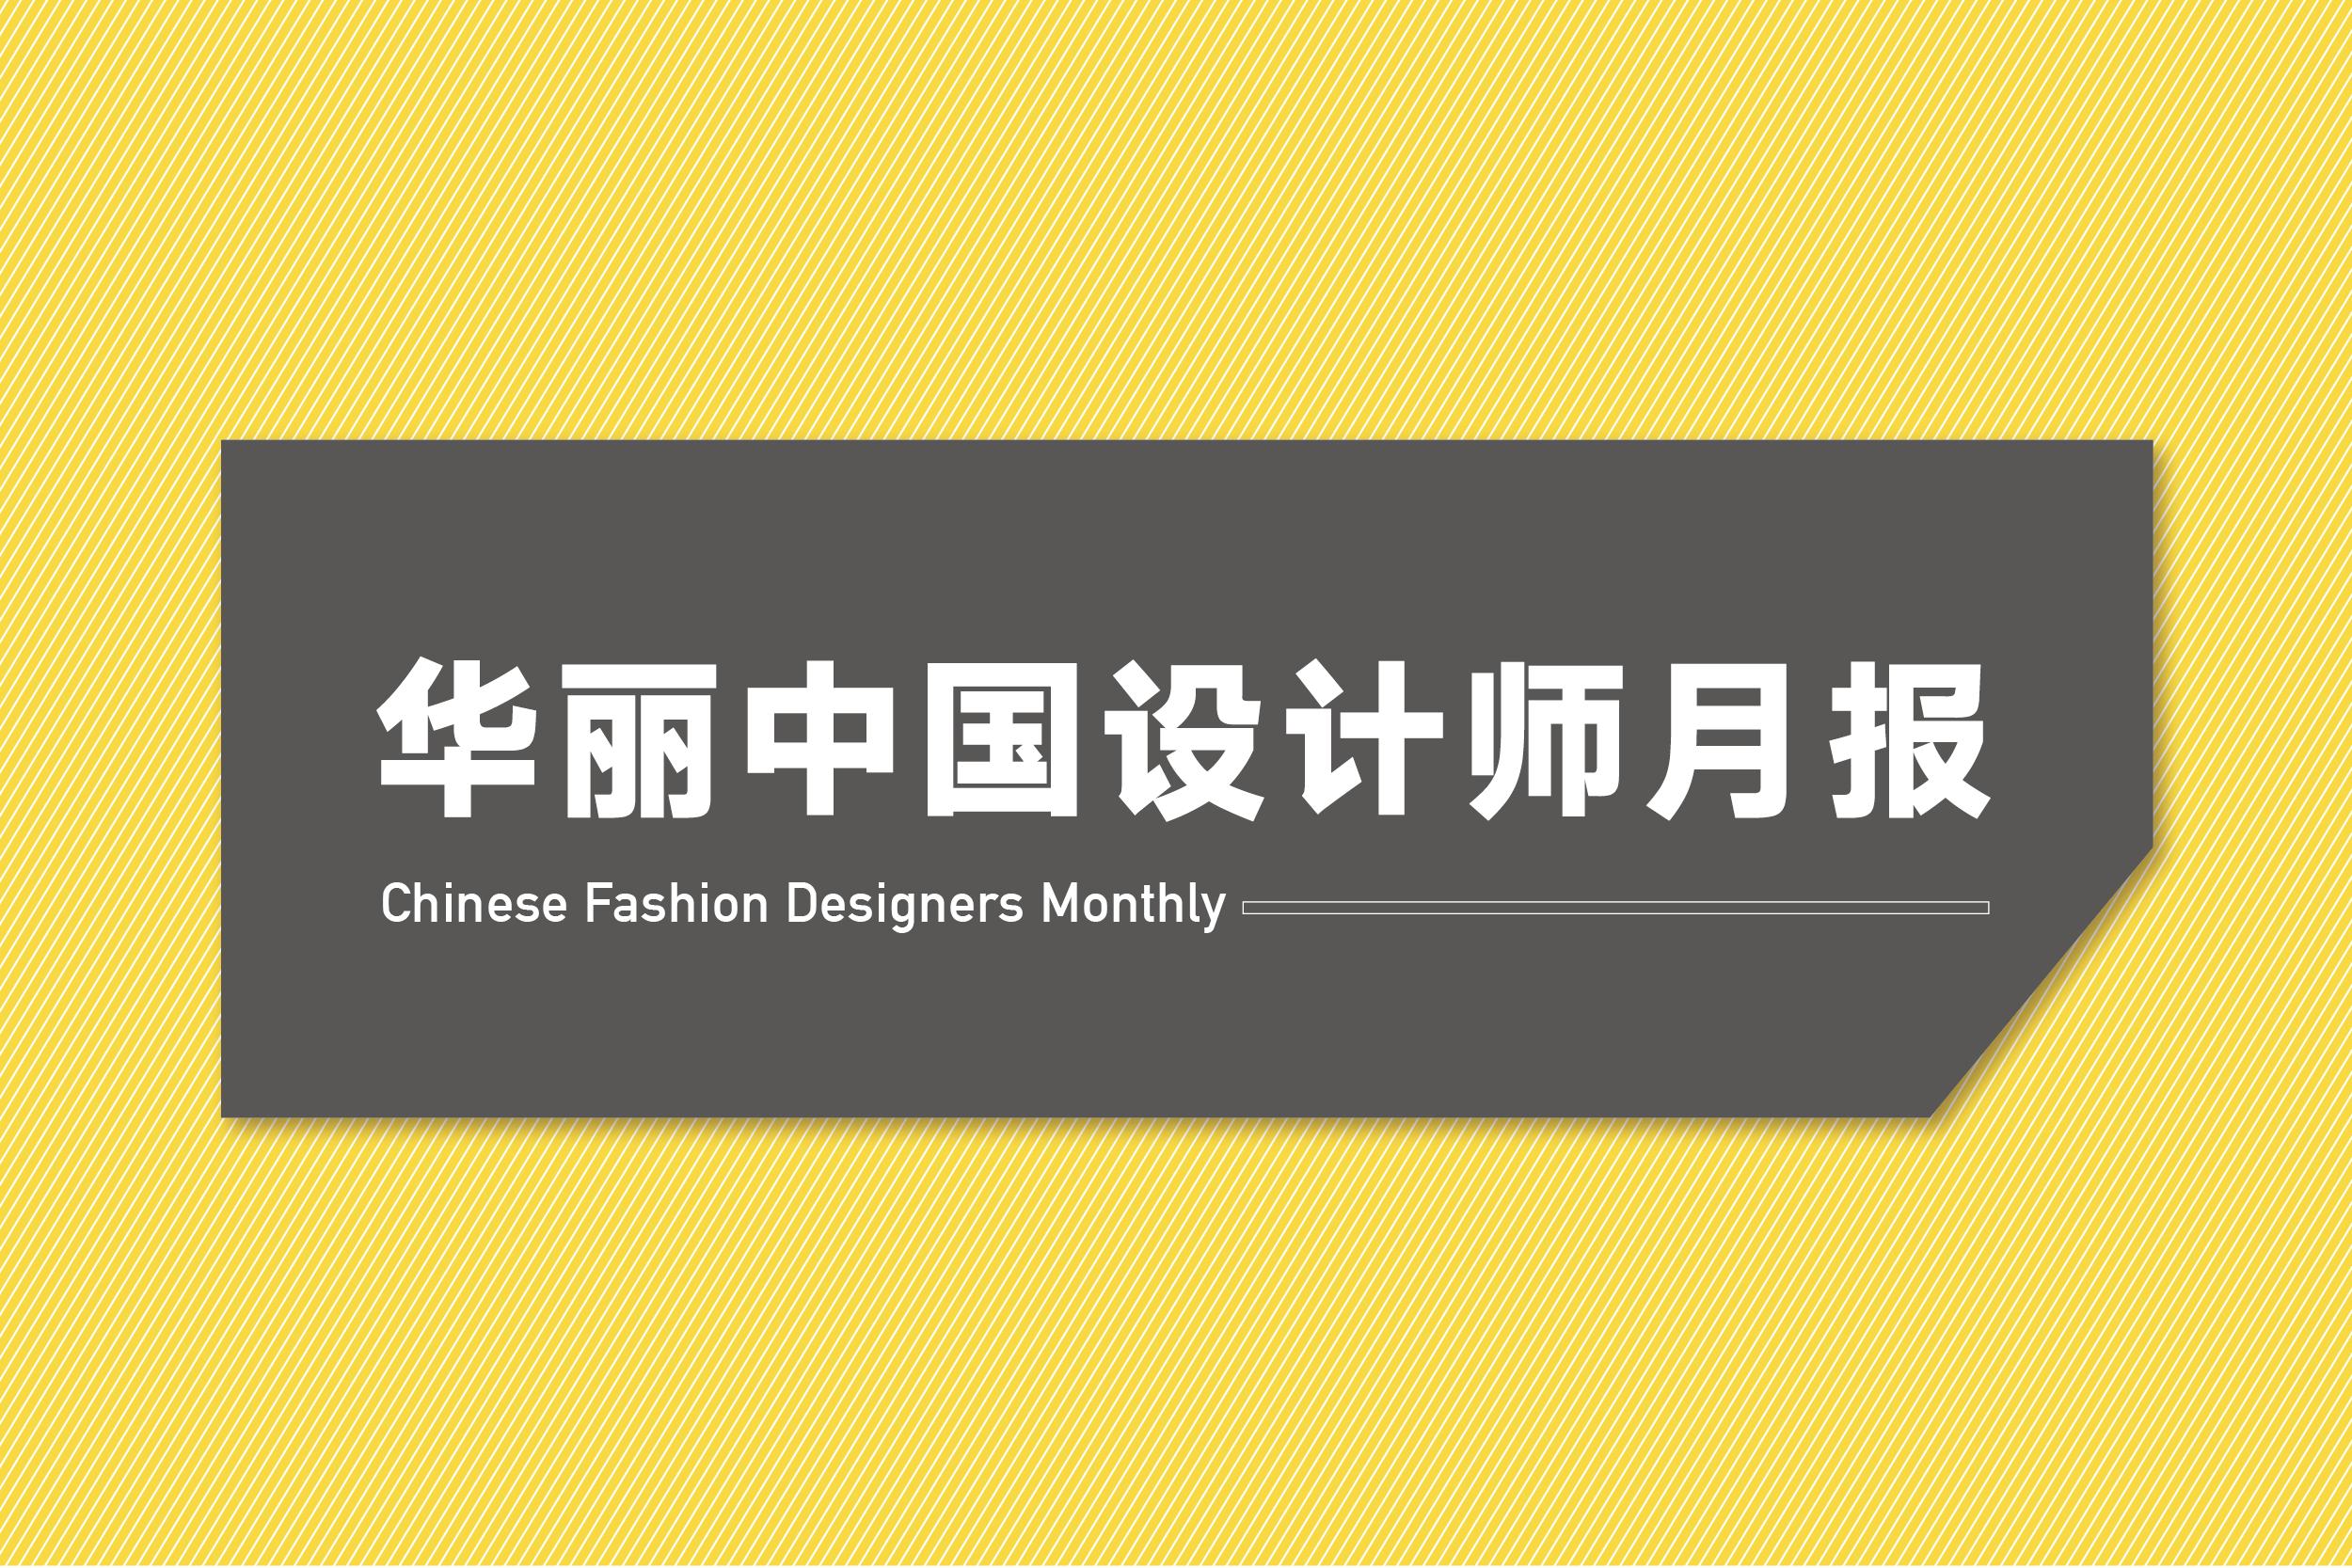 【华丽中国设计师月报】2018年11月,关键词:伦敦男装周,Pitti Uomo, InnoBrand